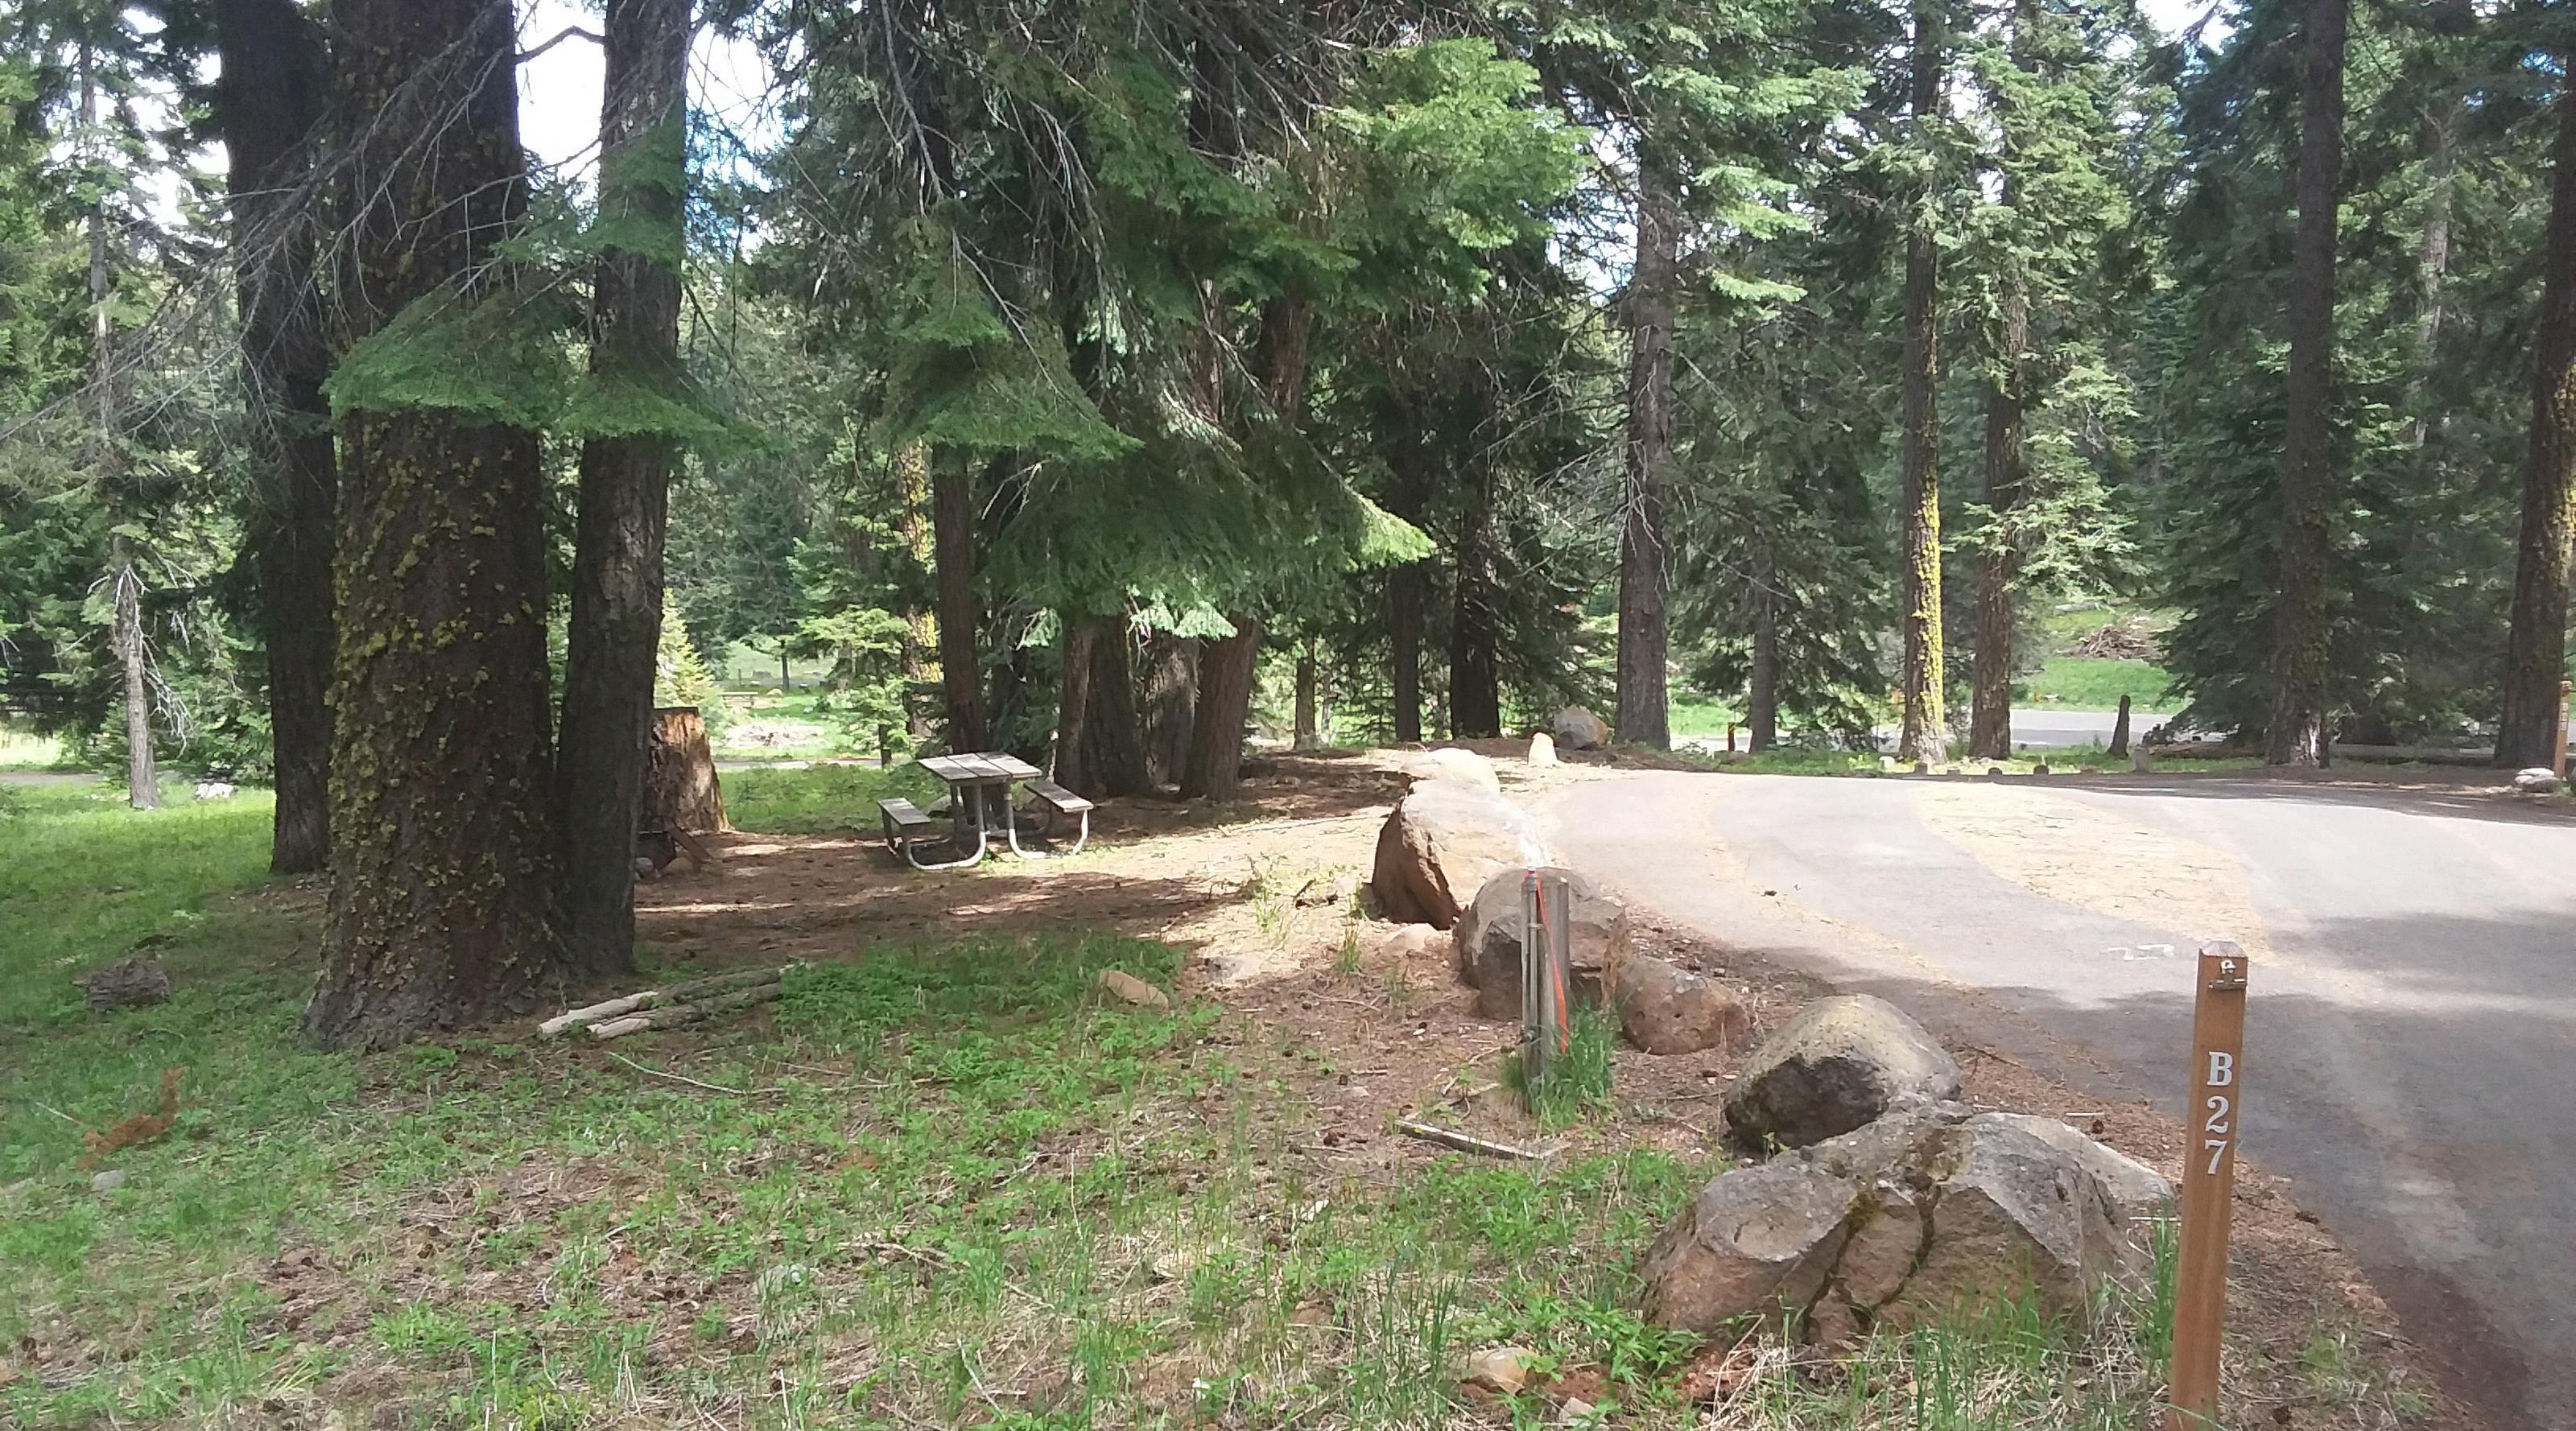 Campsite B27- Hyatt LakeCampsite 27, B Loop Hyatt Lake